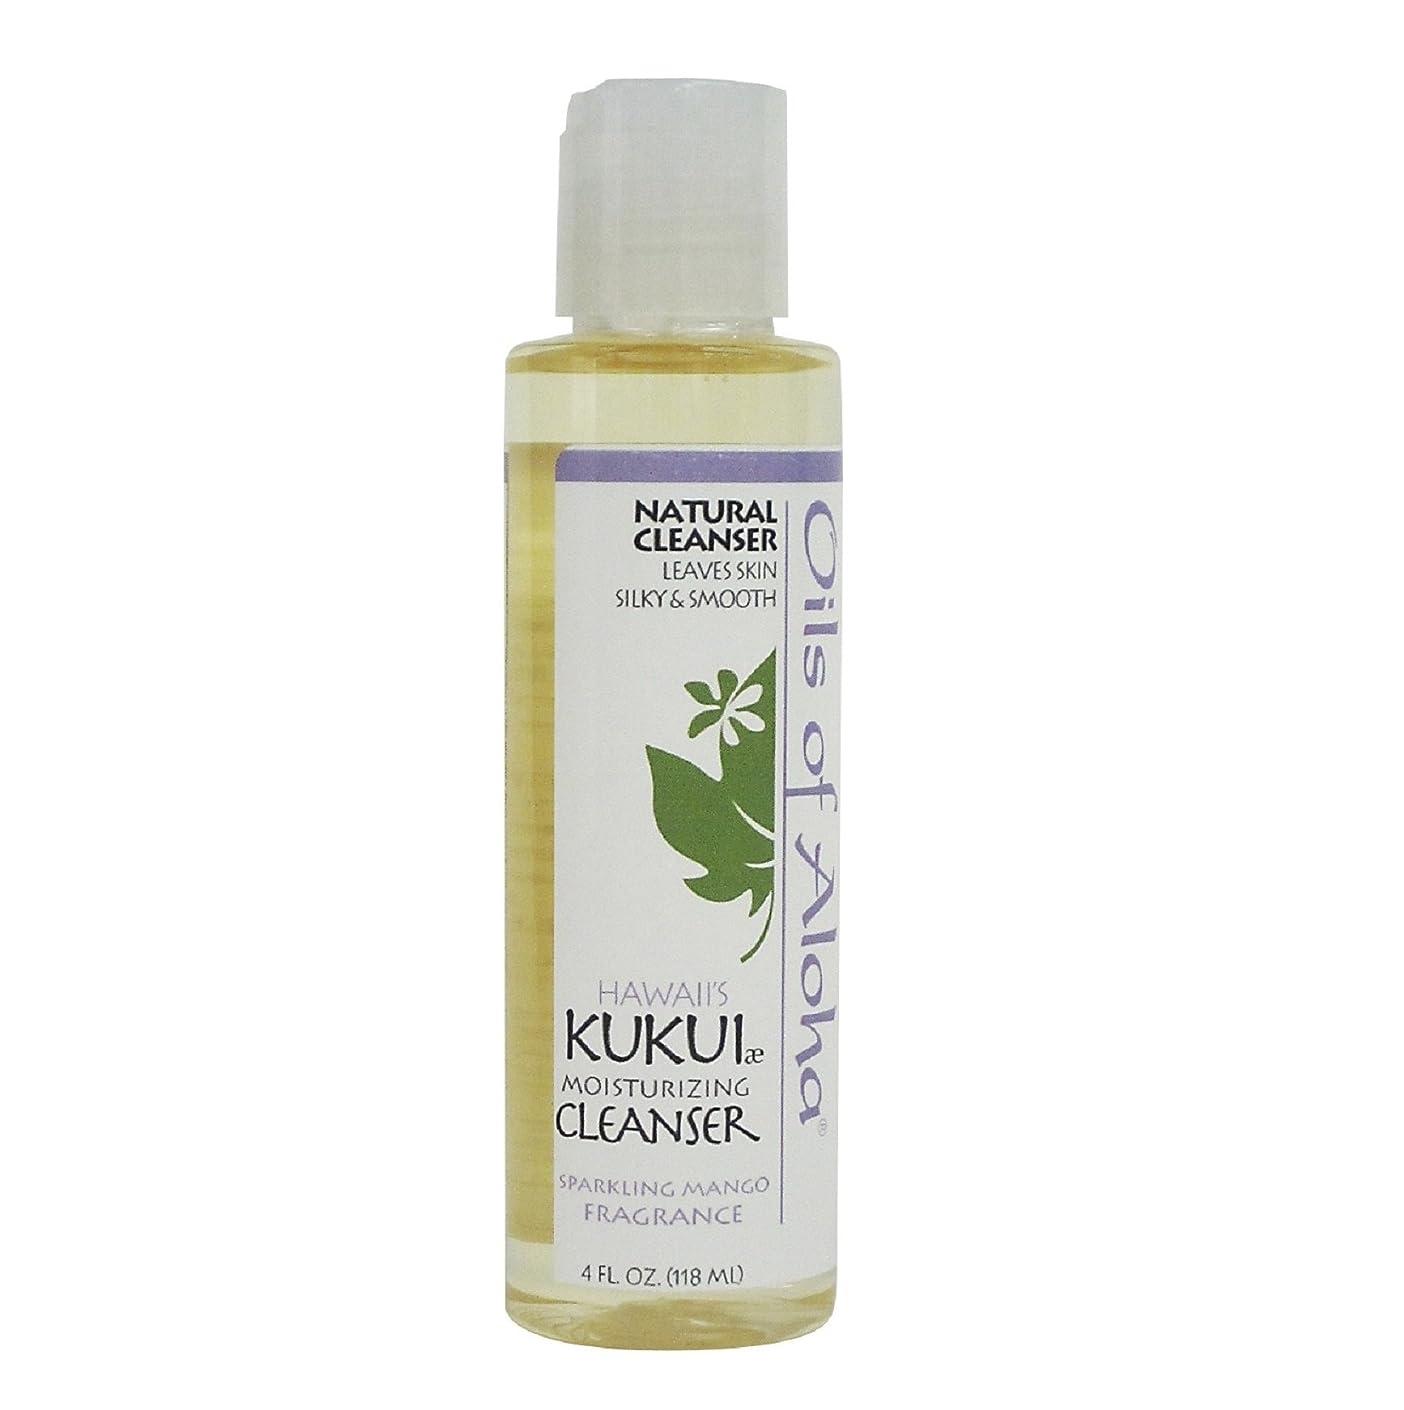 パックヘビー経験的Kukui Moisturizing Cleanser/118ml/4oz/クレンジングオイル